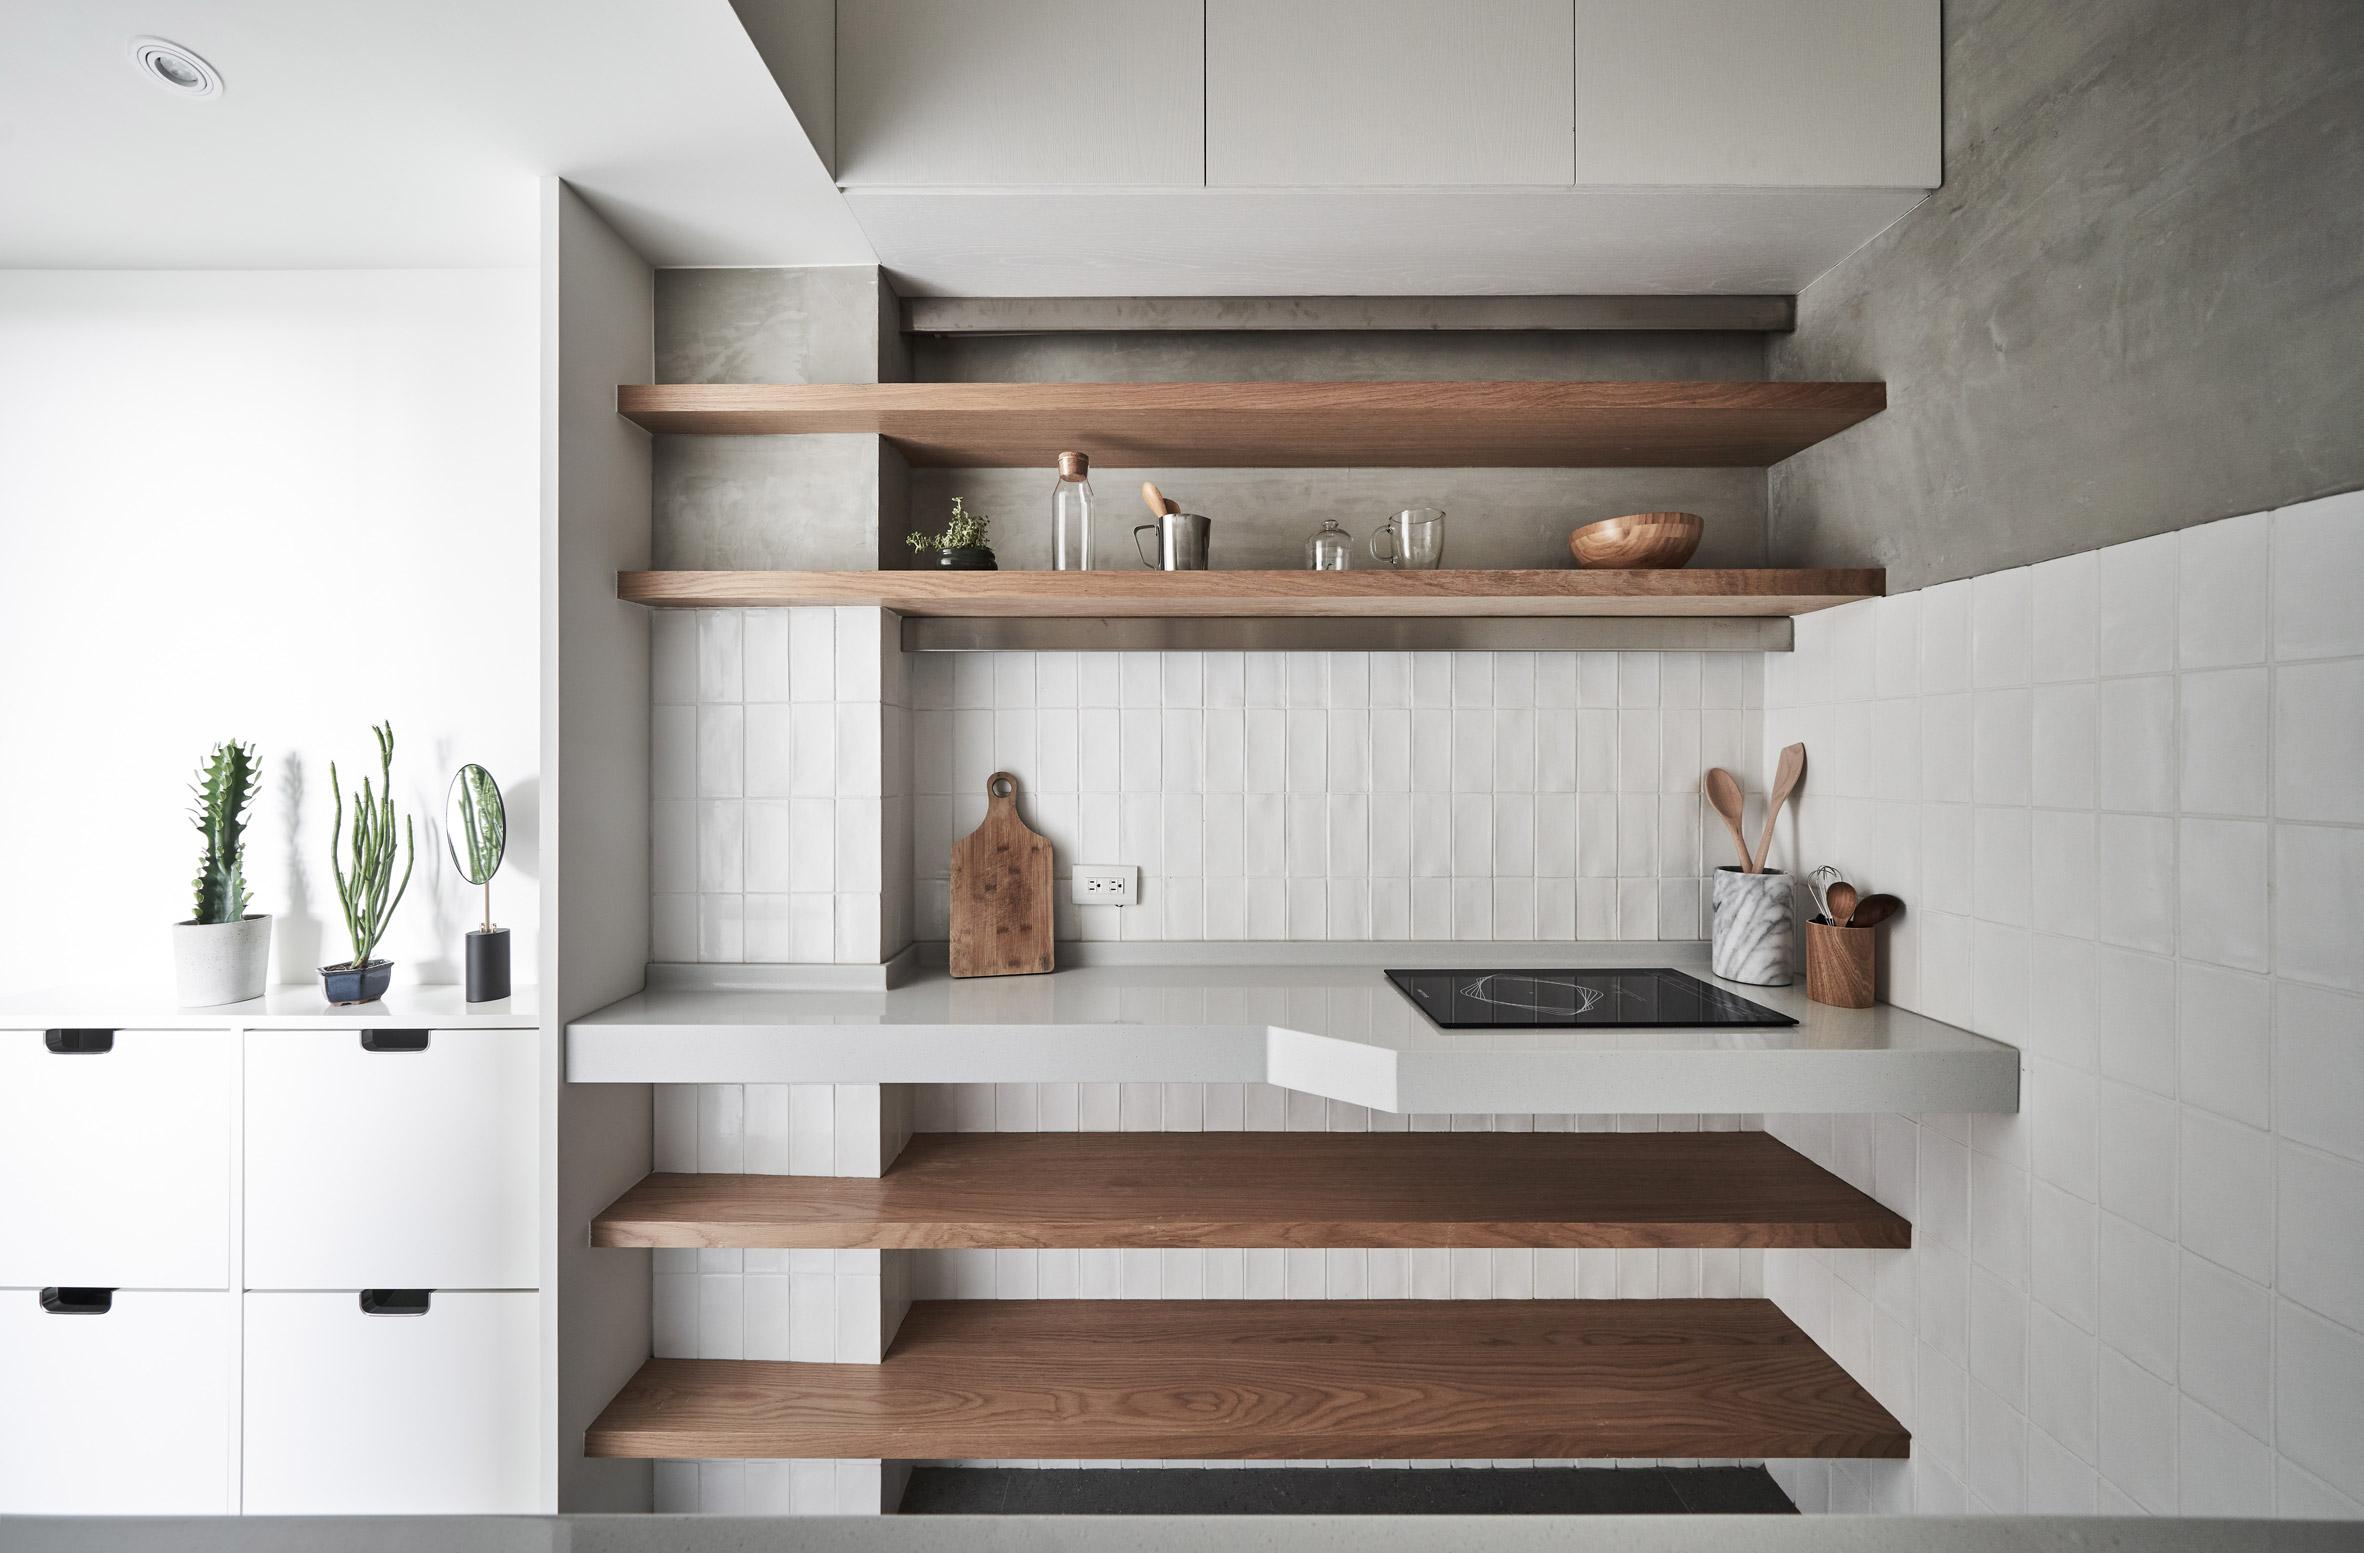 Thiết kế nội thất căn hộ 50m2 6